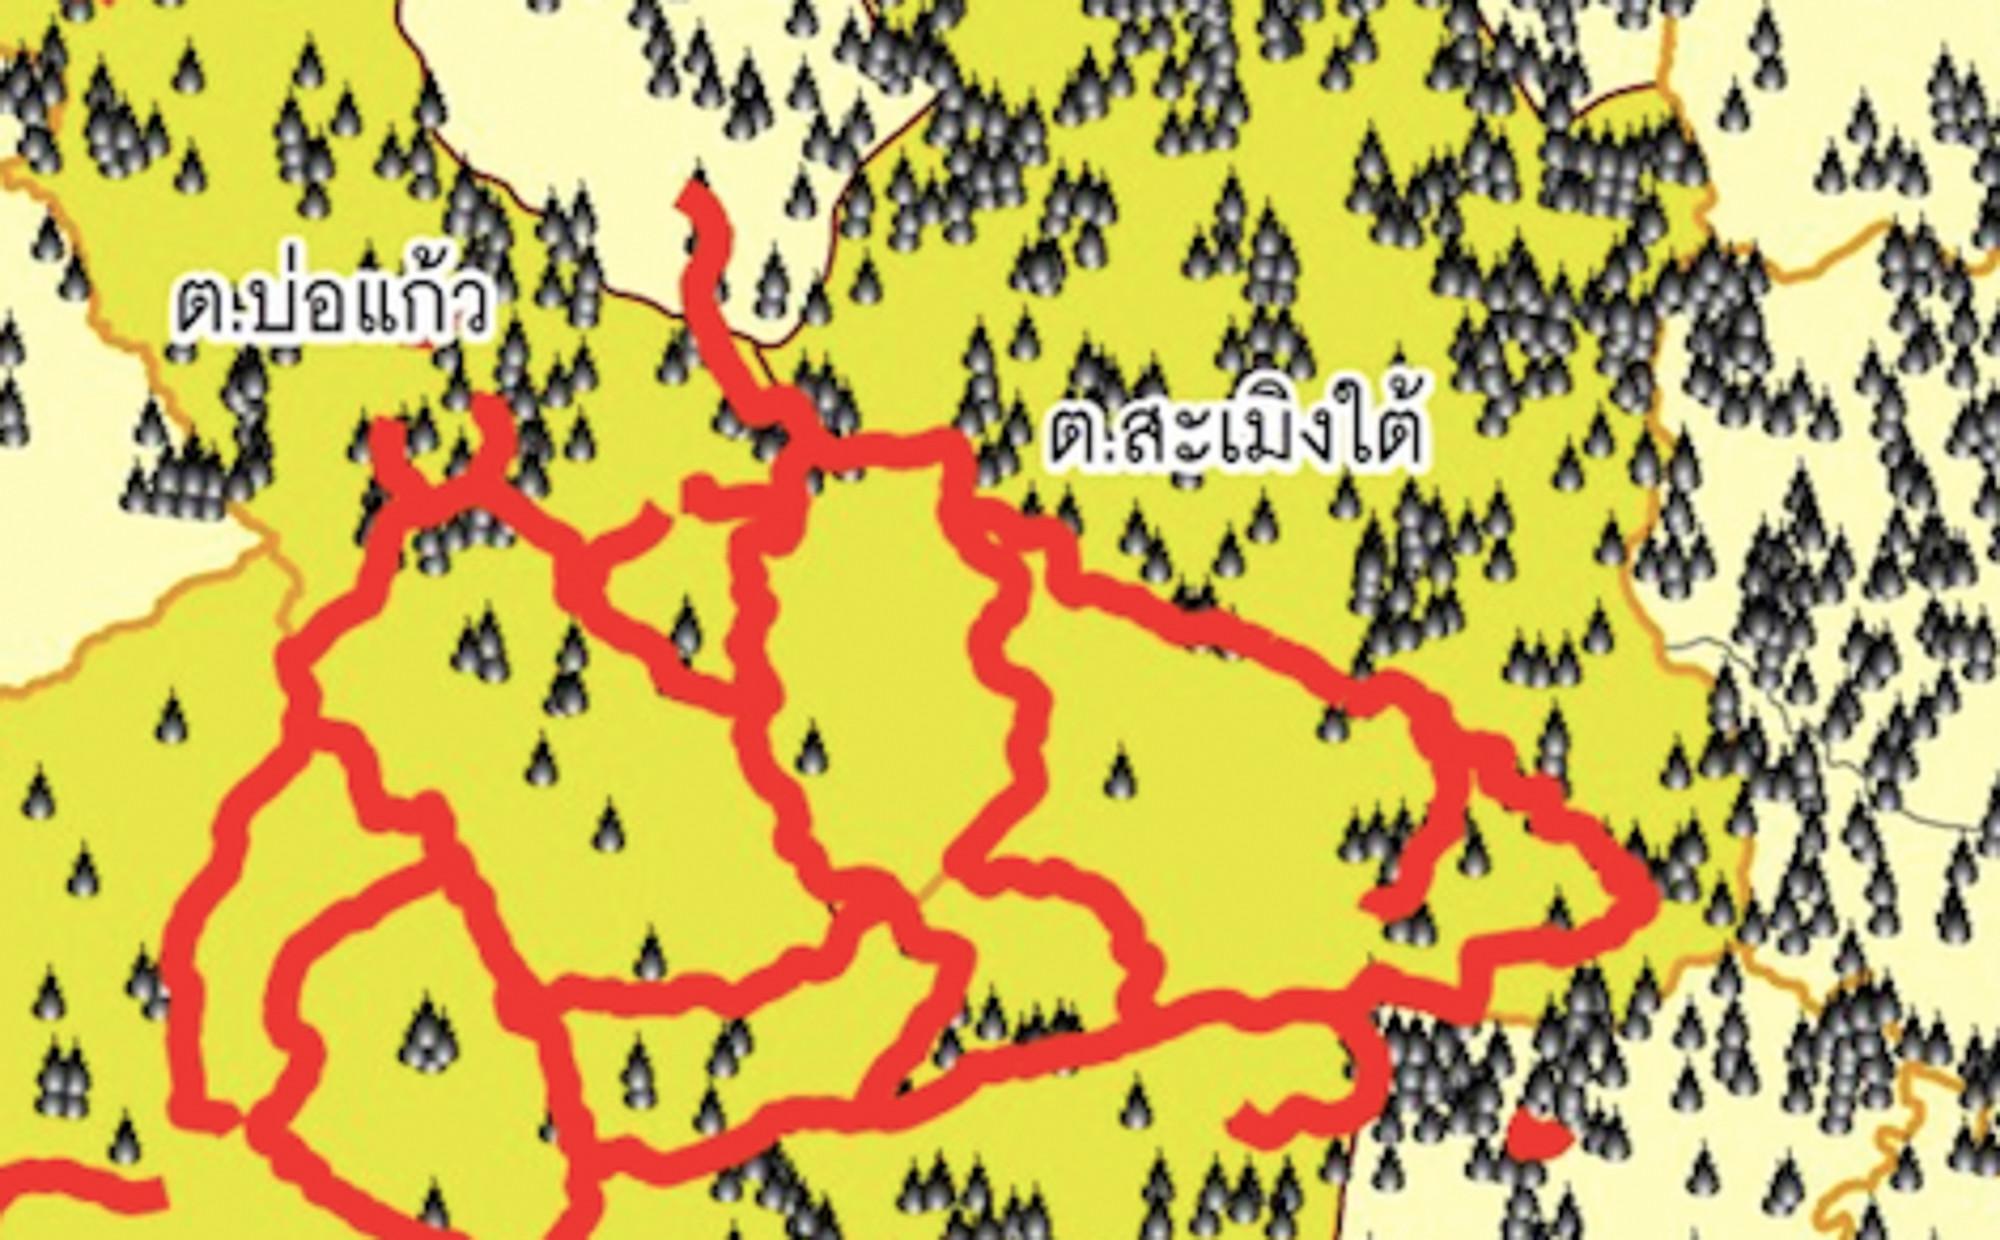 ข้อมูลปี 2562 แสดงแนวเขตและอัตราการเกิดไฟป่าระหว่างพื้นที่ที่ชาวบ้านดูแล (สีเหลืองเข้ม) และพื้นที่รับผิดชอบของอุทยานแห่งชาติออบขาน (สีเหลืองอ่อน) (ที่มา: มูลนิธิพัฒนาภาคเหนือ)